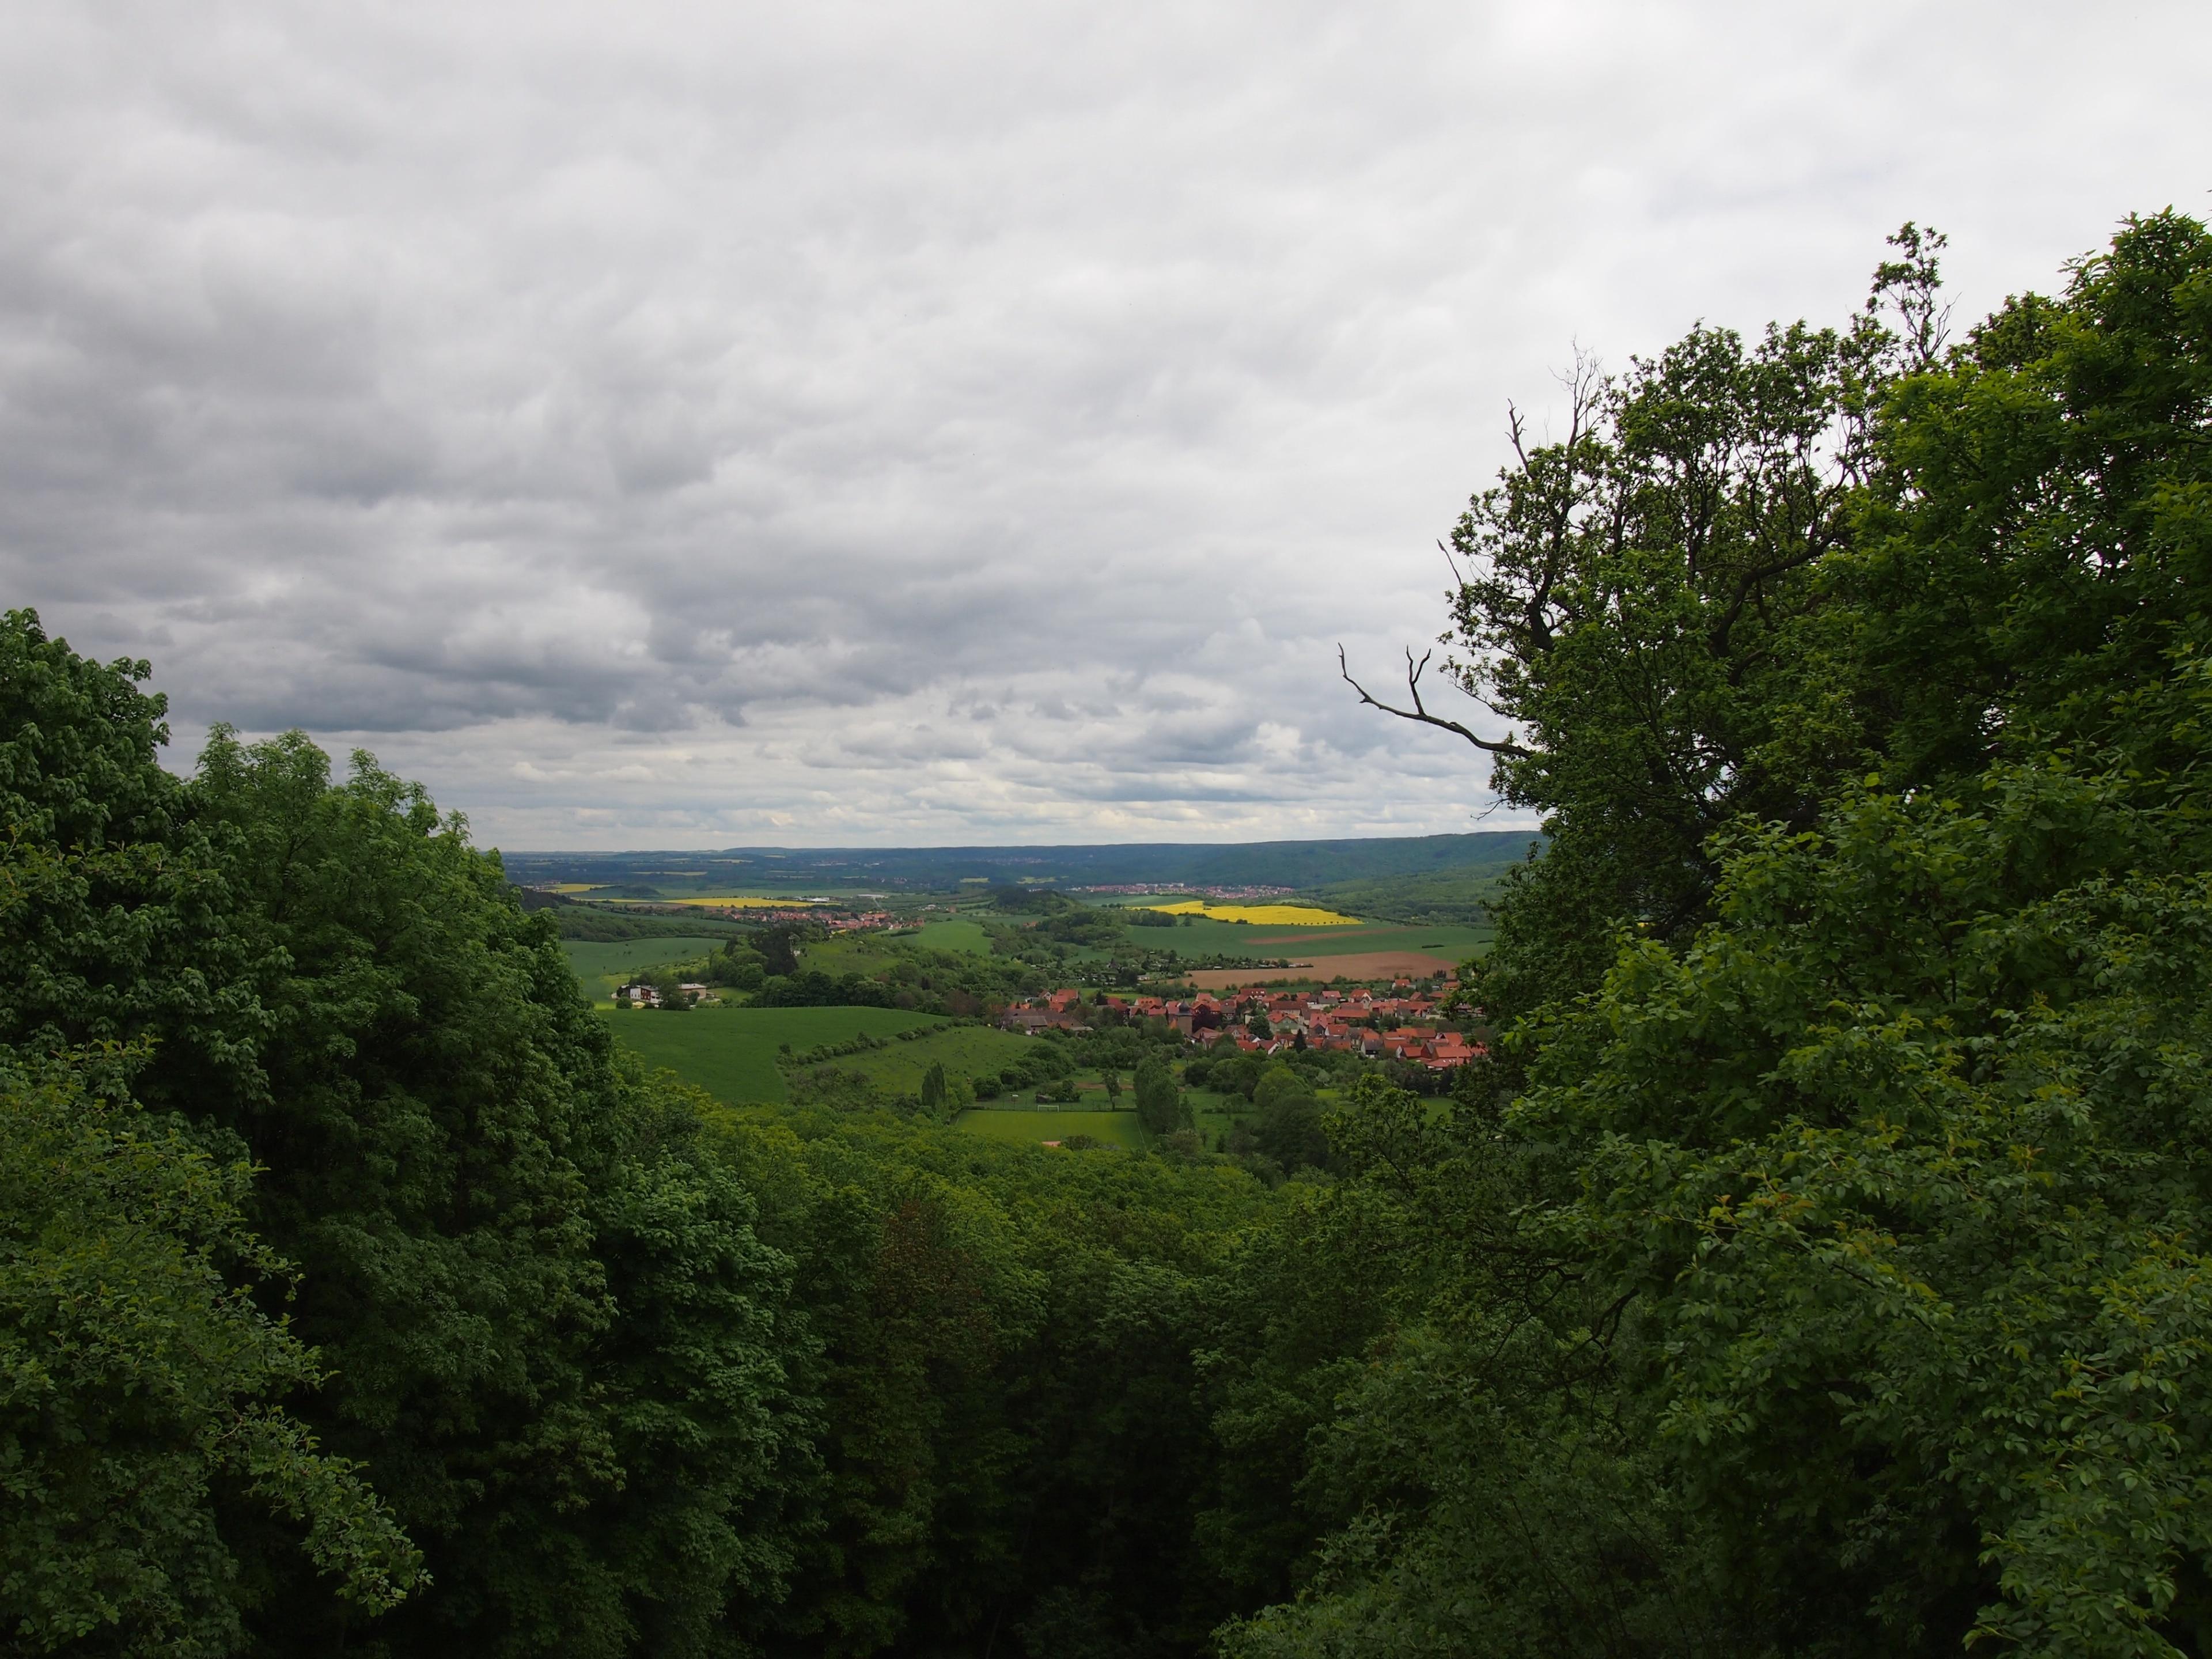 Blankenburg, Sachsen-Anhalt